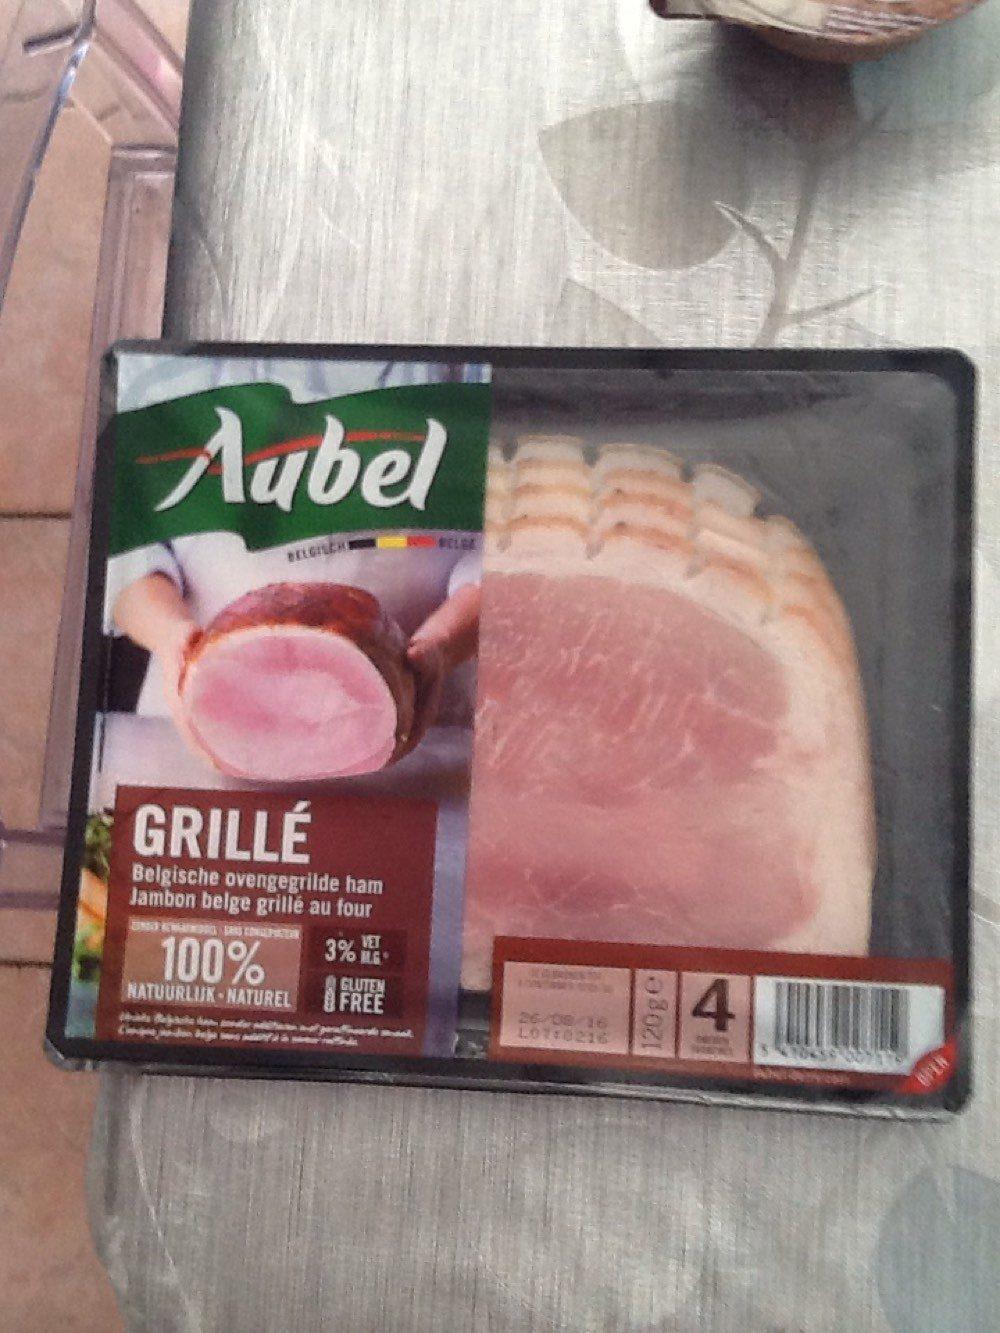 Jambon cuit grille - Produit - fr